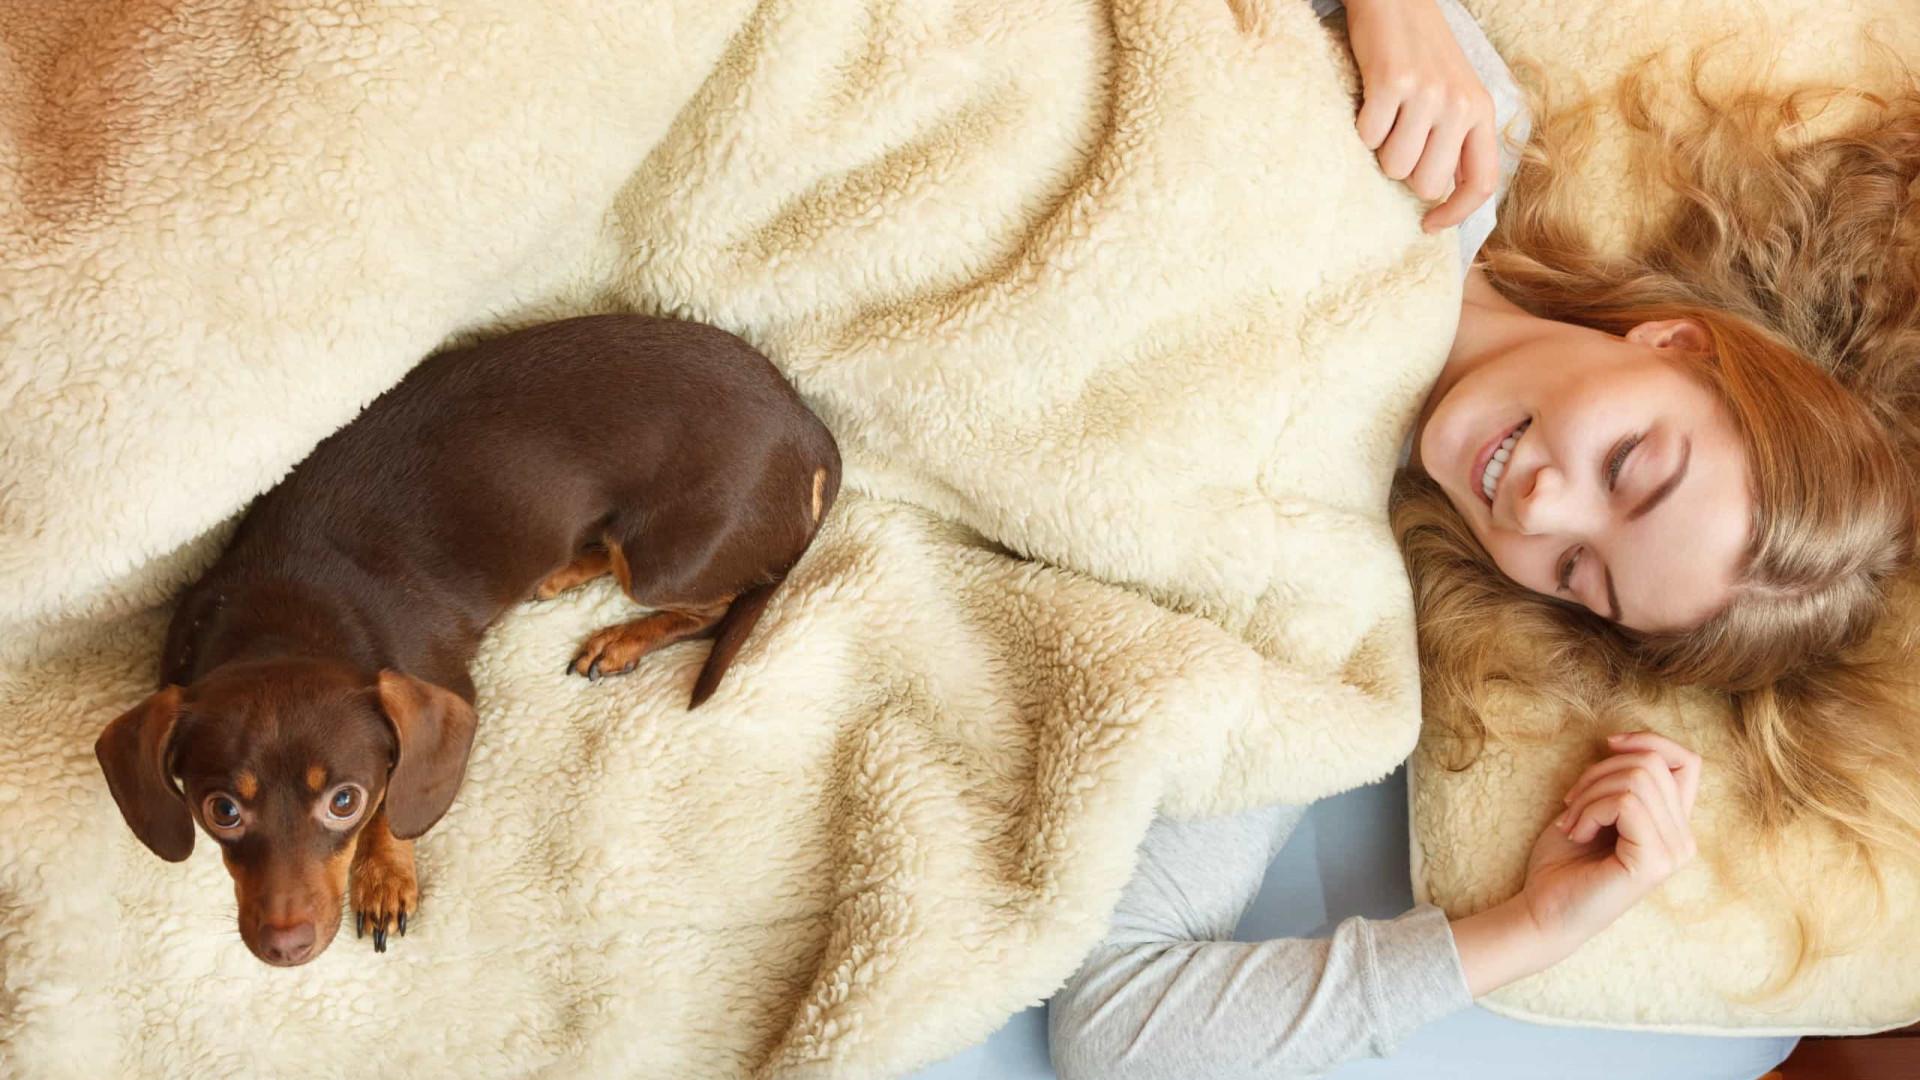 Mulheres dormem melhor com cachorros do que com homens, diz estudo